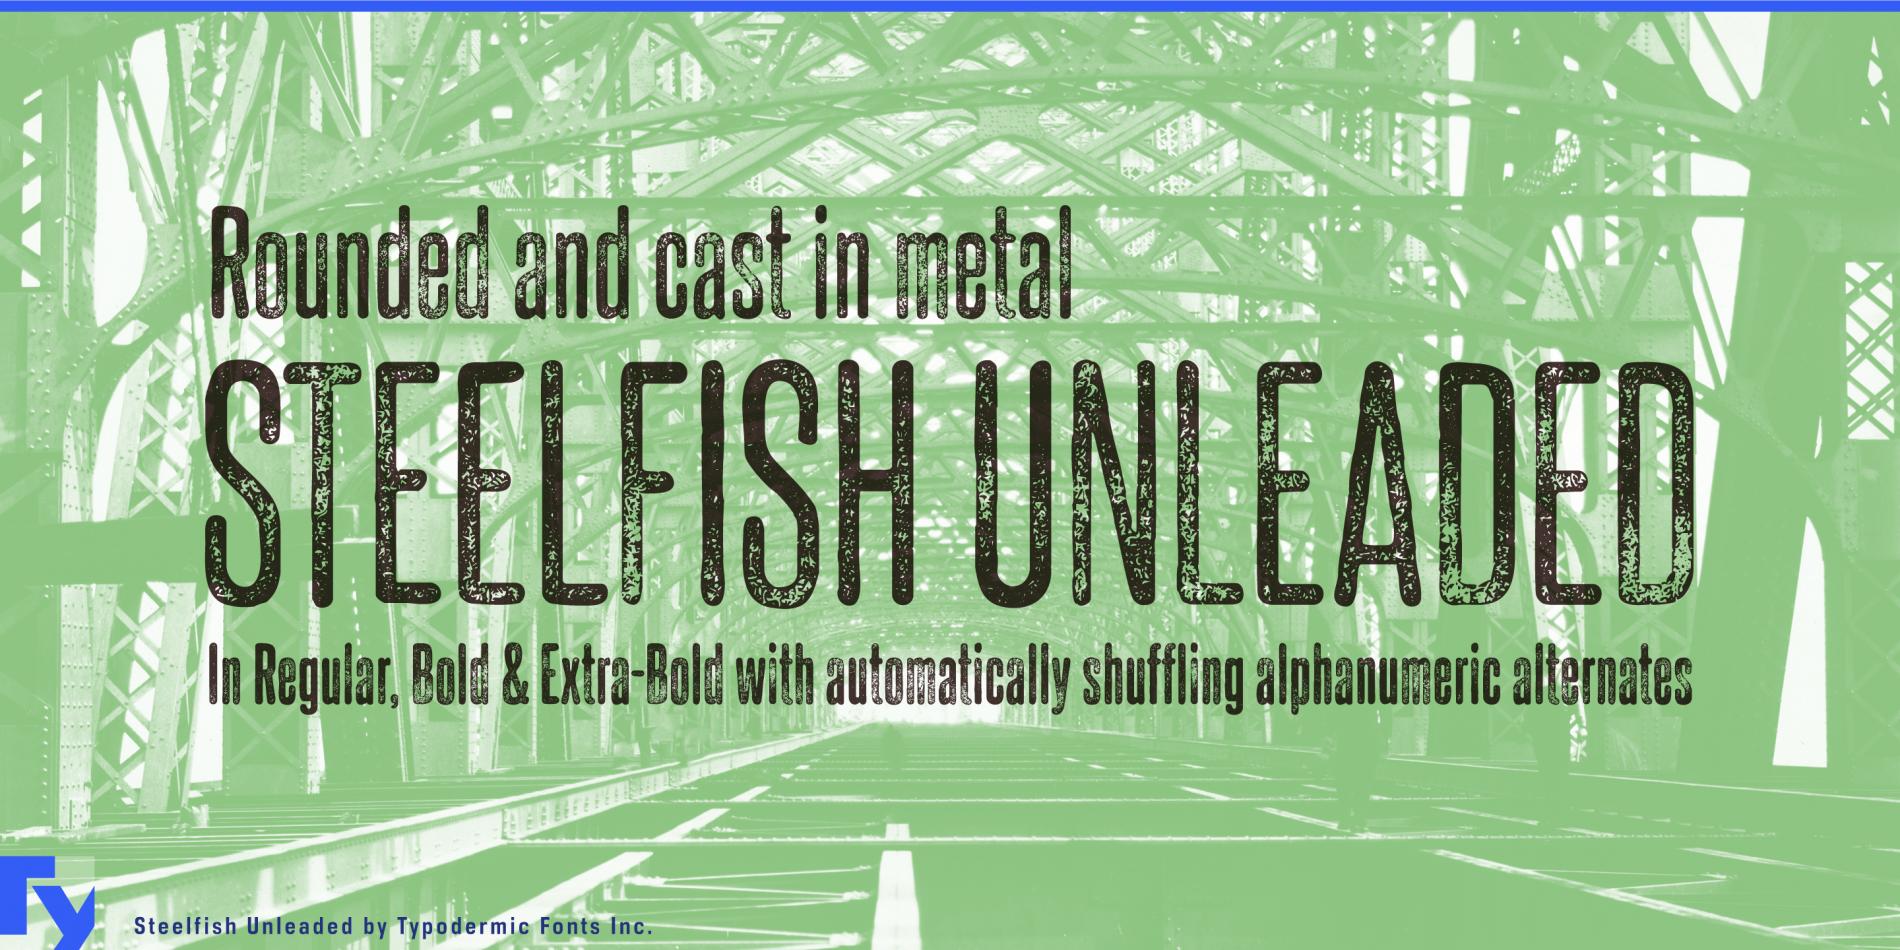 Steelfish Unleaded